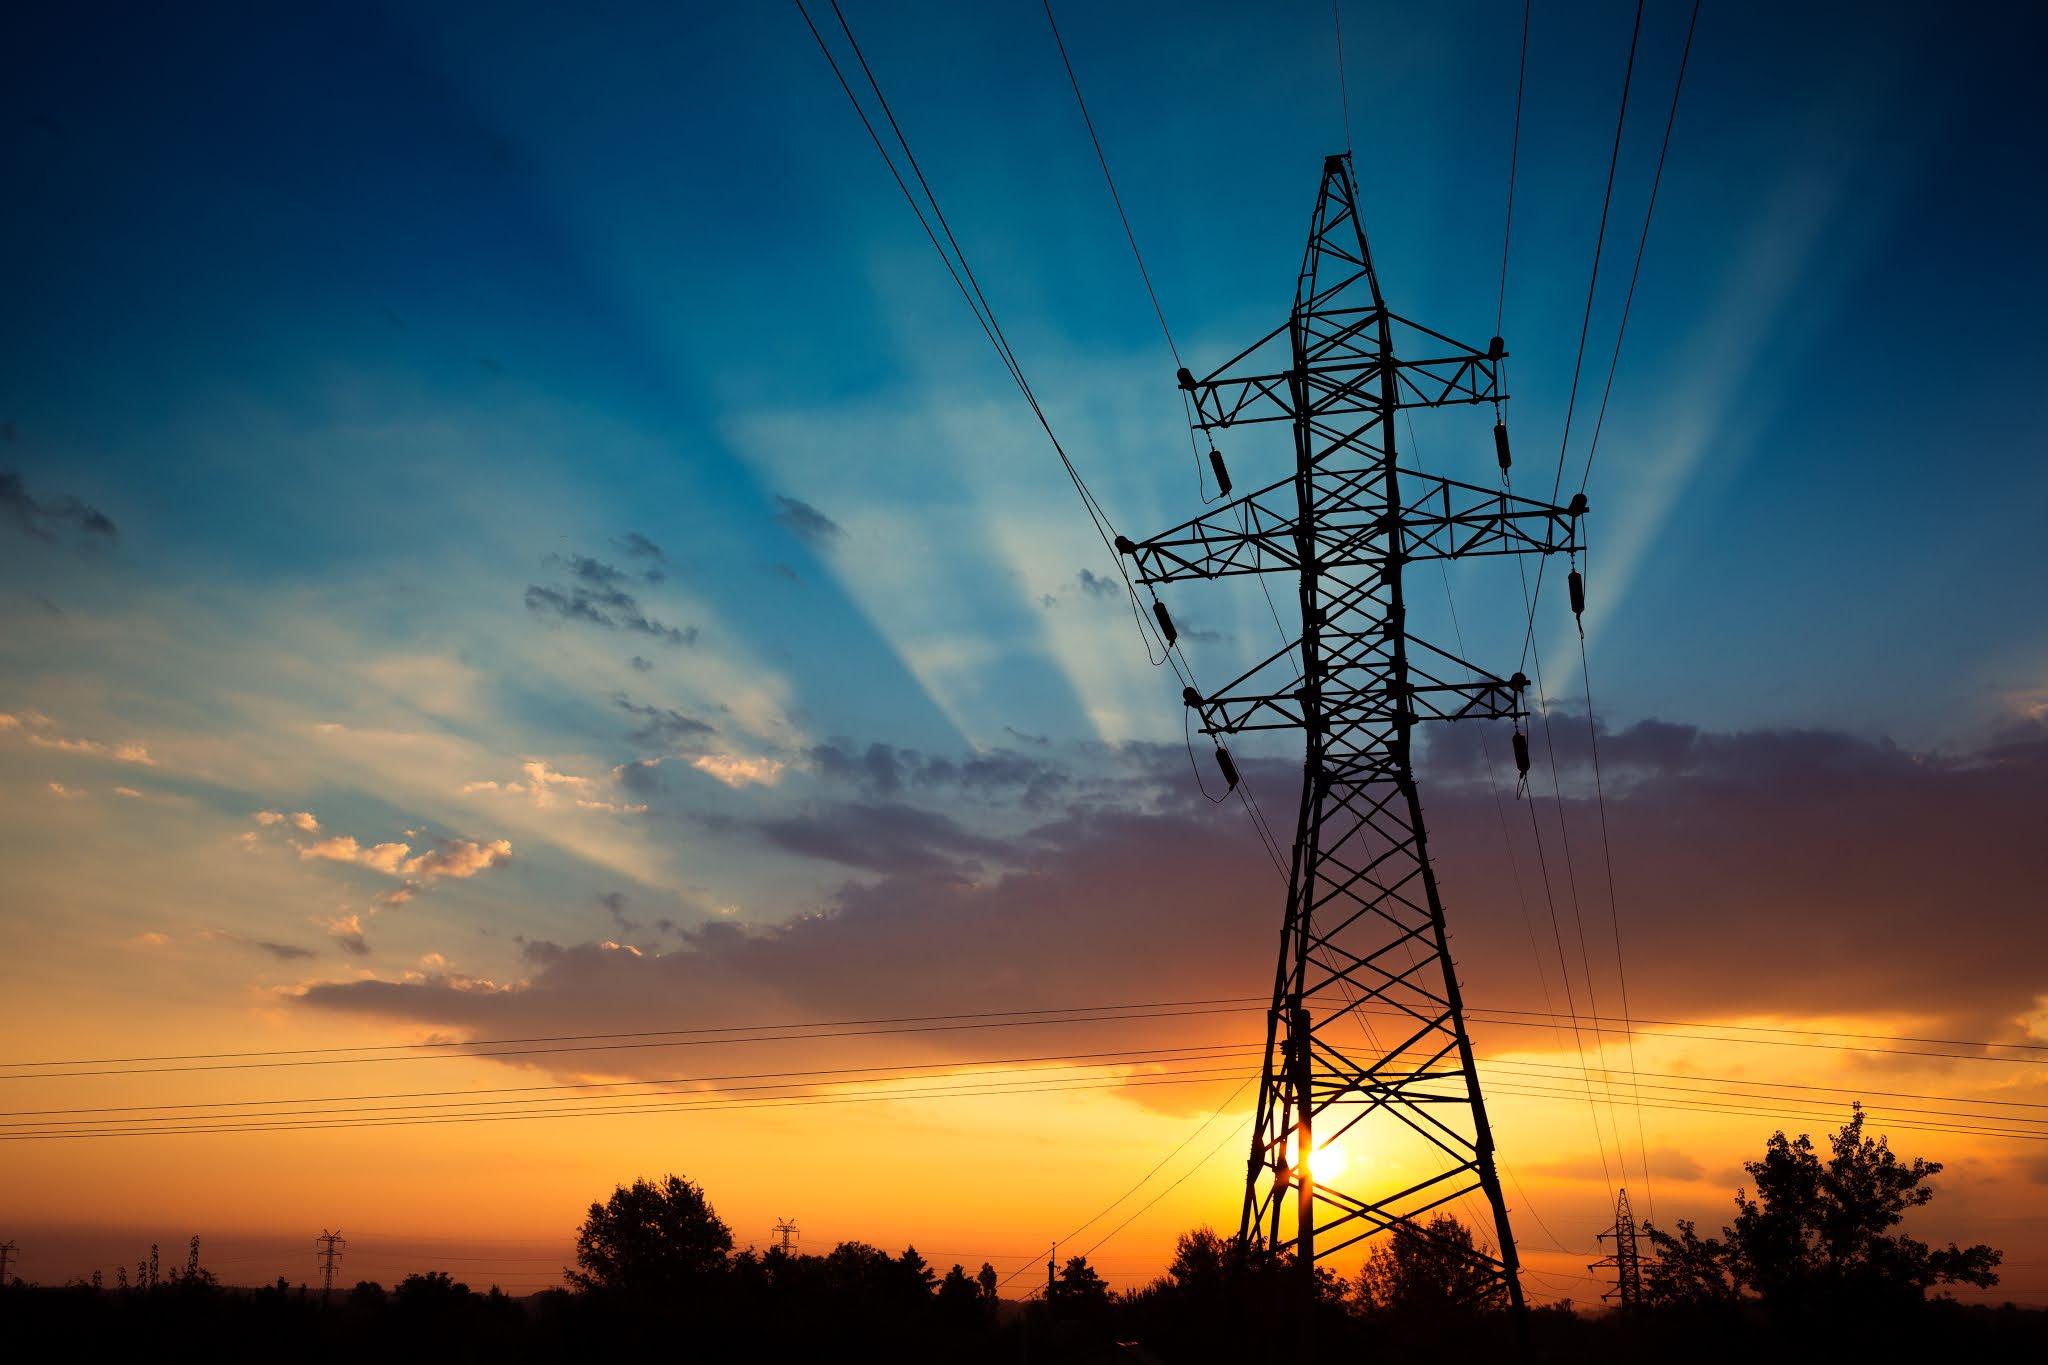 دبي تسجل ارتفاعاً بنحو 10% في الطلب على الطاقة